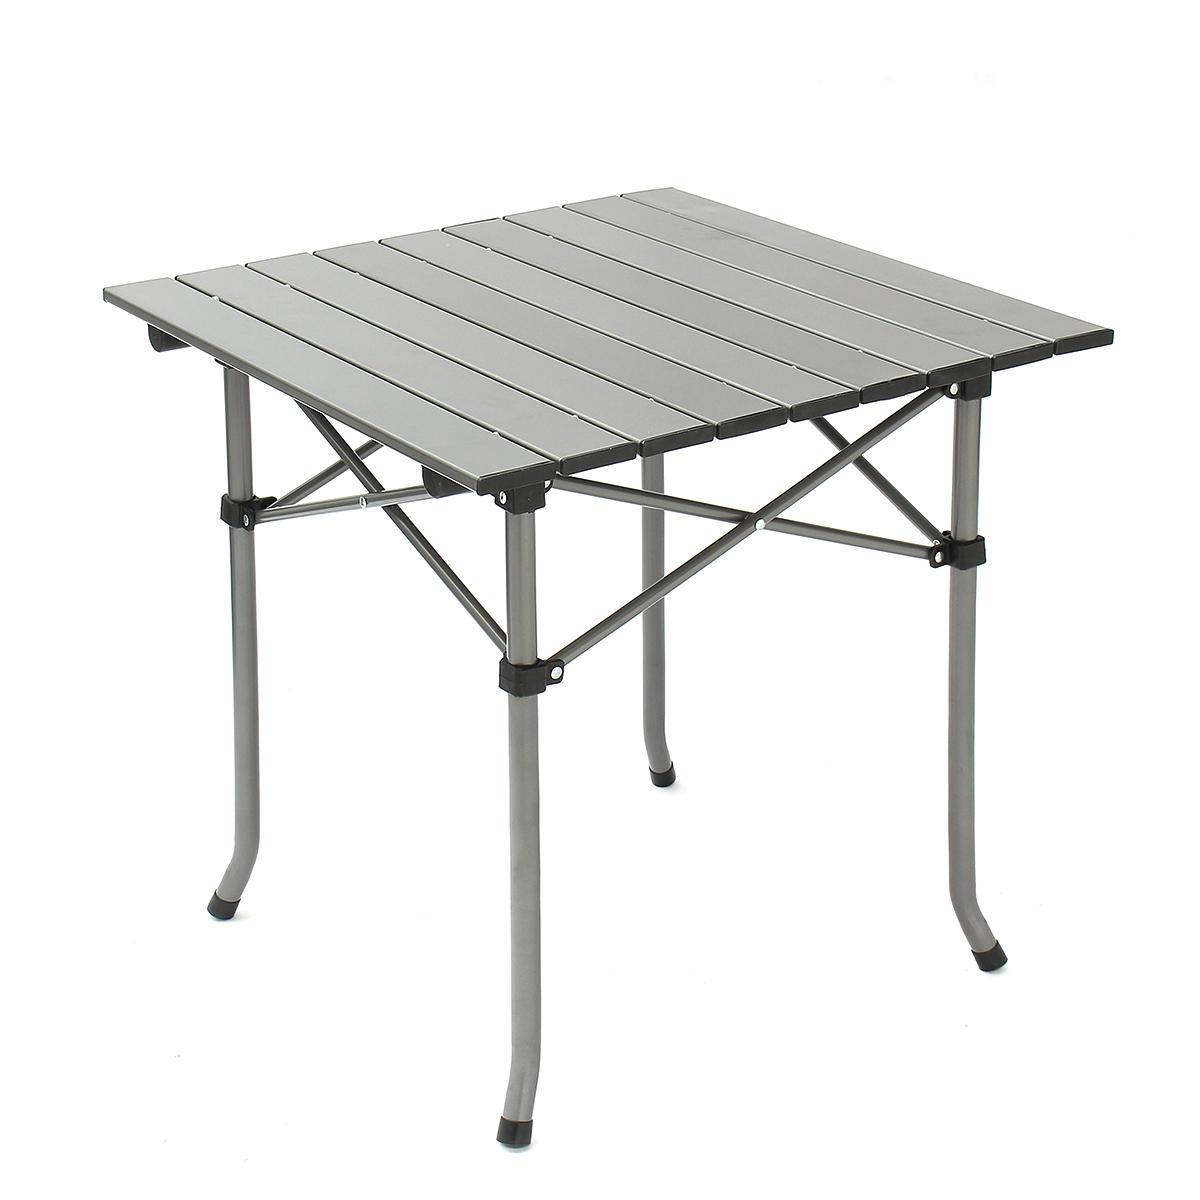 Tavoli Pieghevoli In Alluminio.Vendita All Ingrosso Di Sconti Tavoli Pieghevoli In Alluminio In